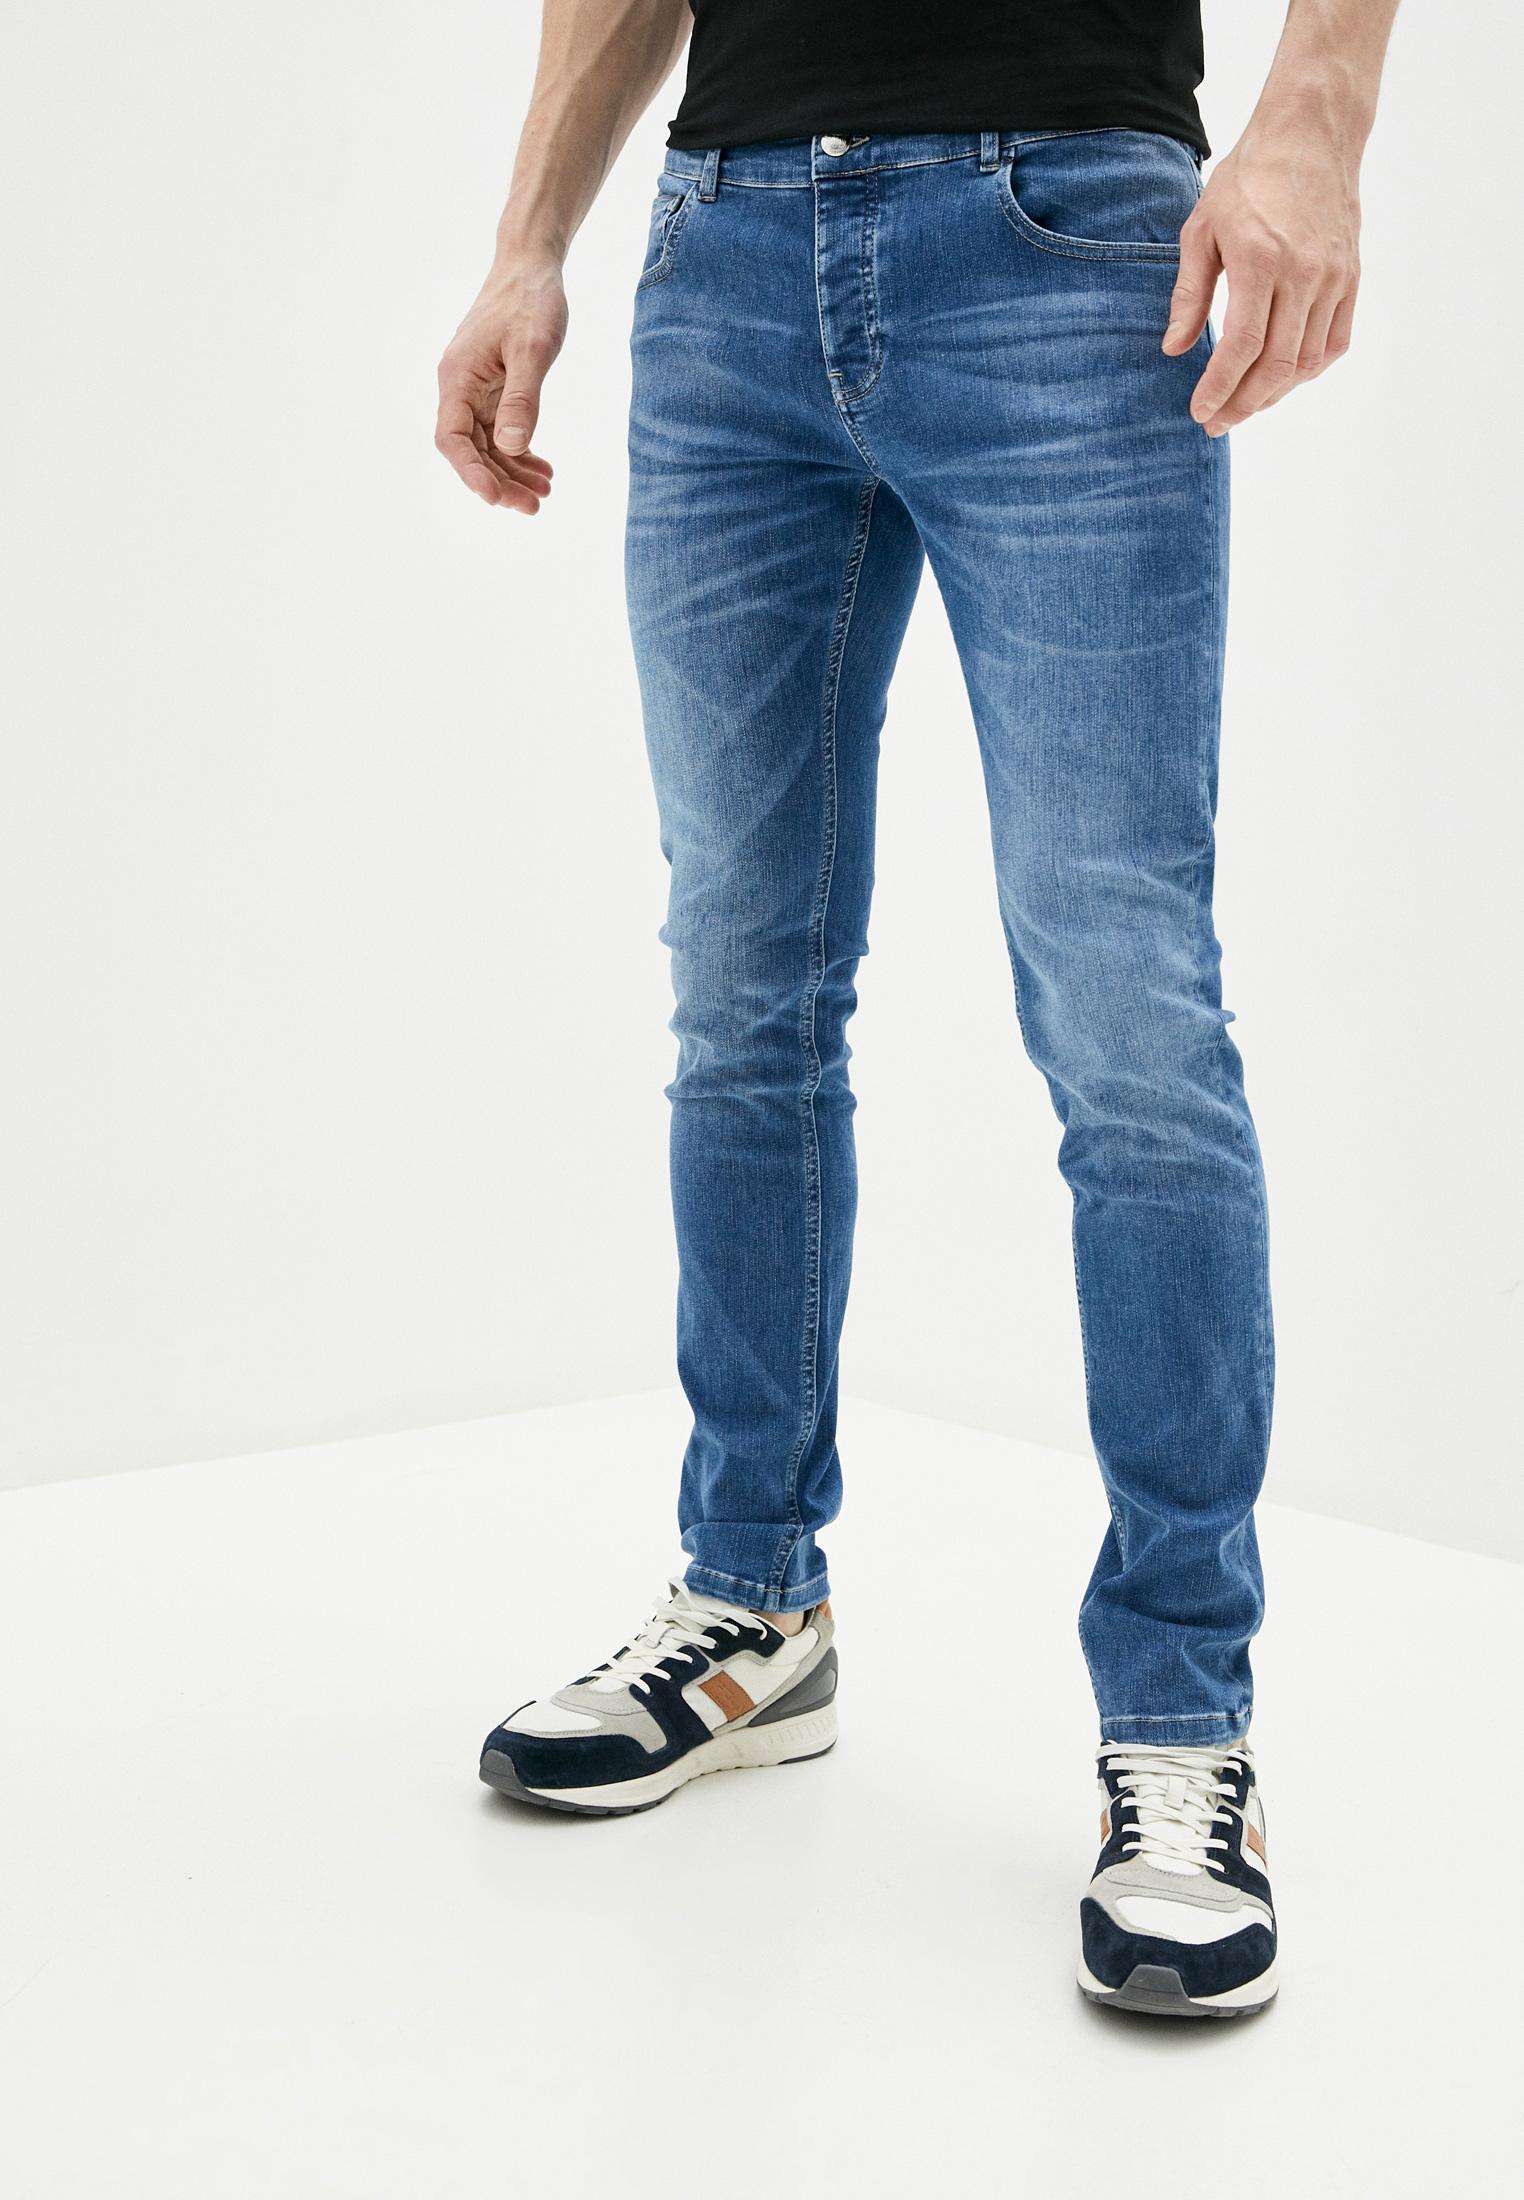 Зауженные джинсы Frankie Morello fms0002je